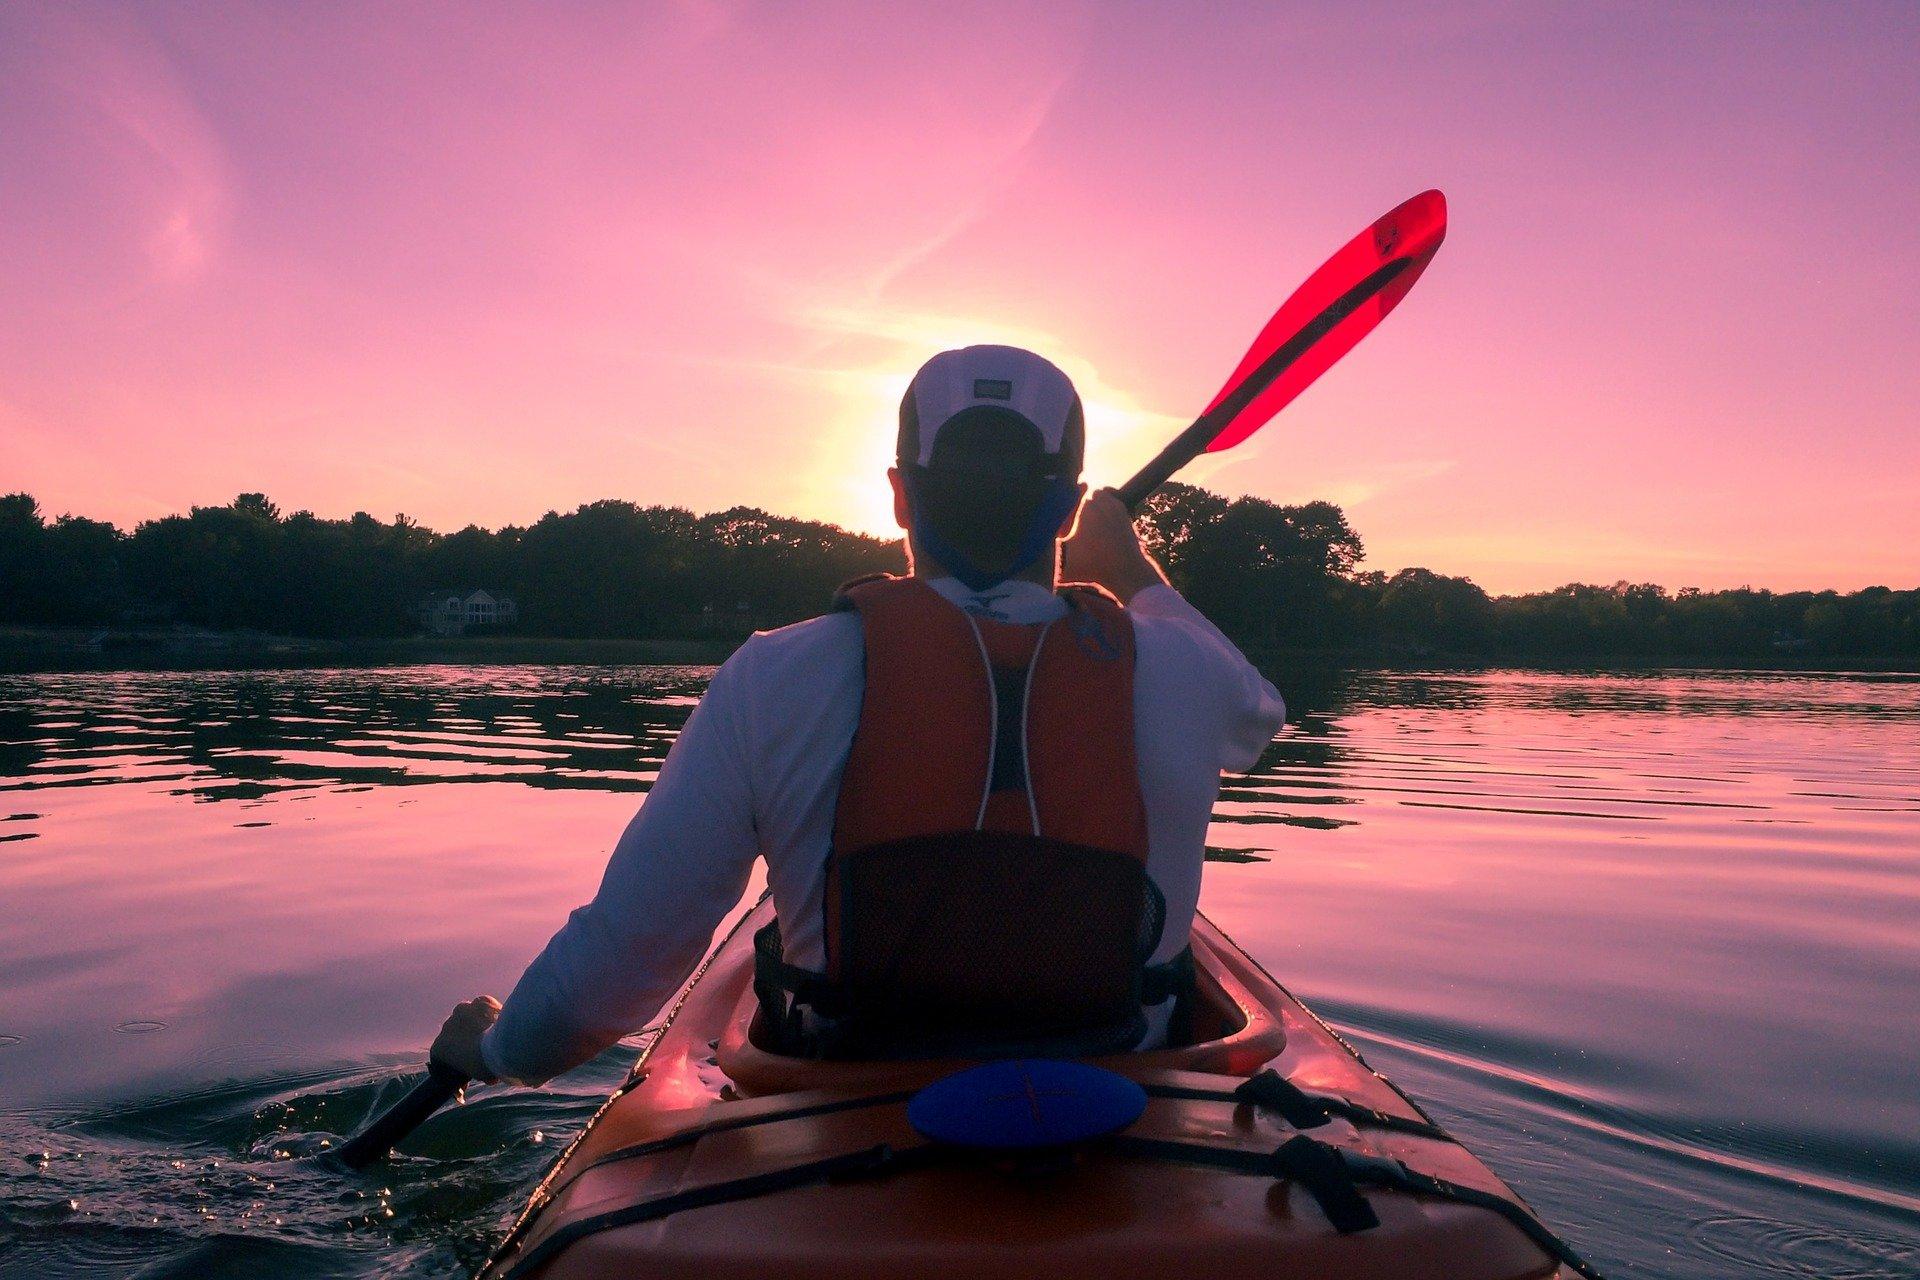 Imagem de um homem em um caiaque sit inside, de costas, em um rio, com por do sol ao fundo.